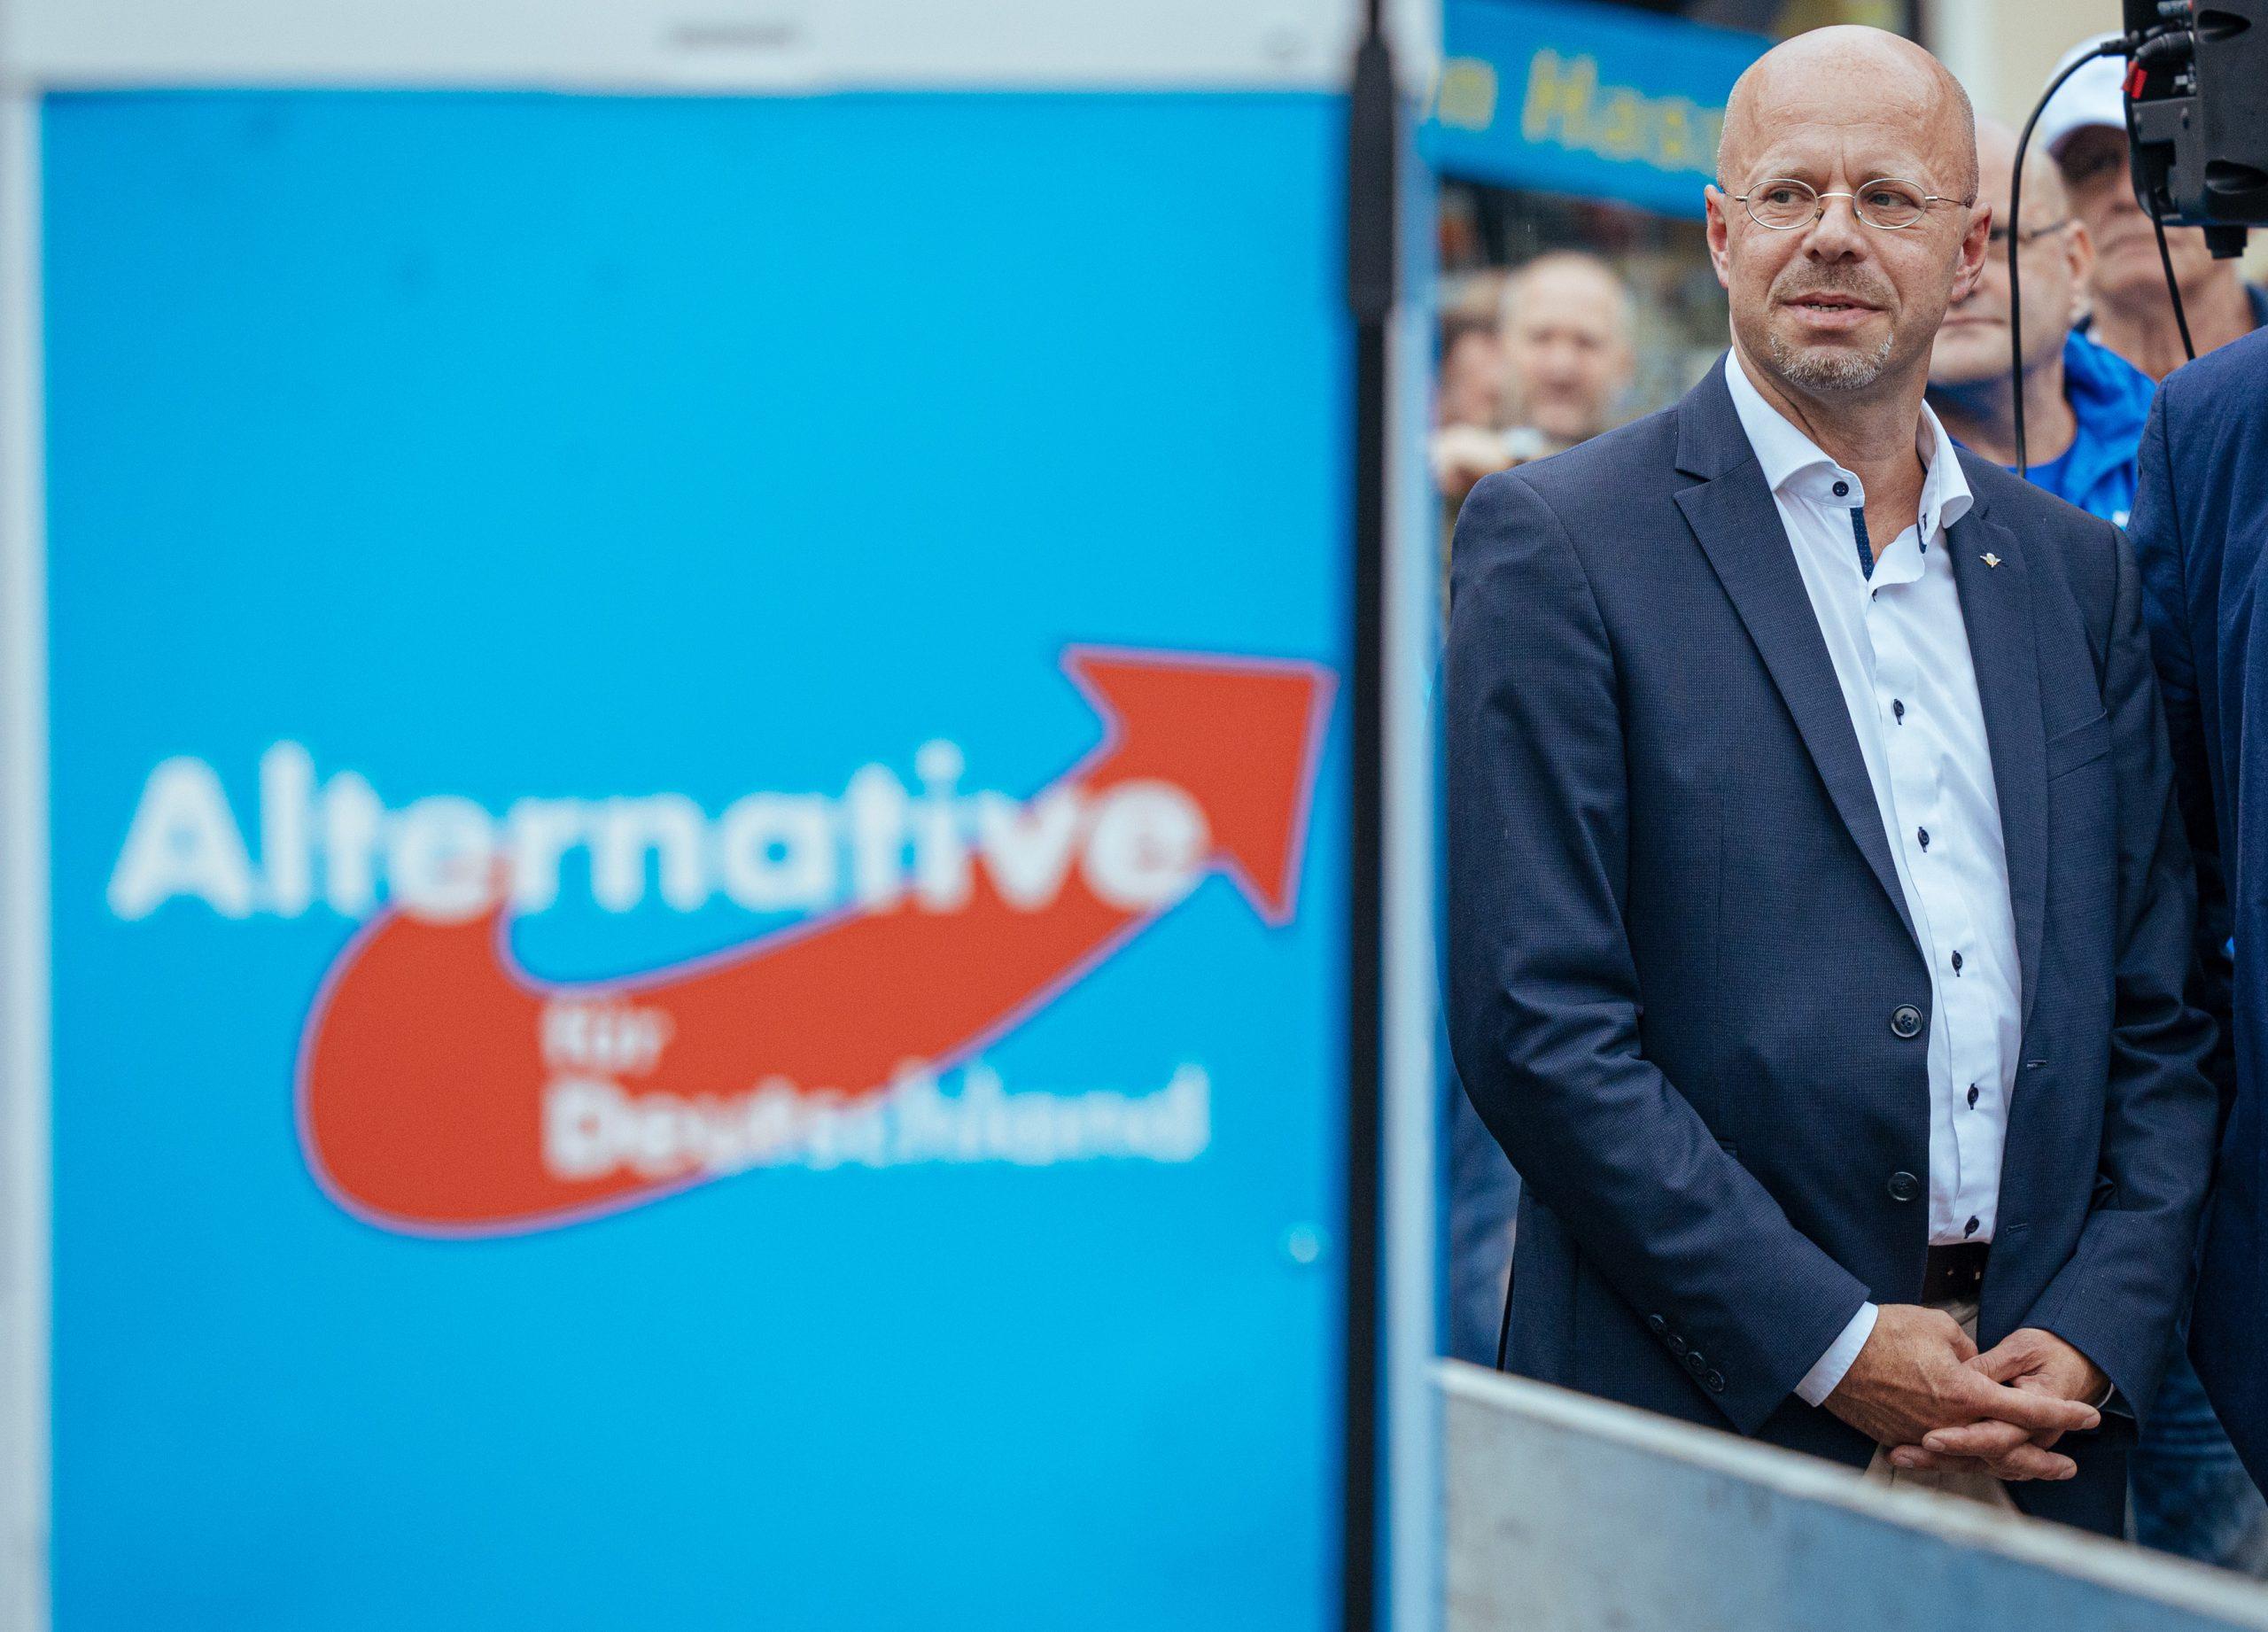 Die Auseinandersetzung um den Brandenburger AfD-Fraktionsvorsitzenden Andreas Kalbitz beschäftigt die Partei weiter Foto: picture alliance/Oliver Killig/dpa-Zentralbild/dpa